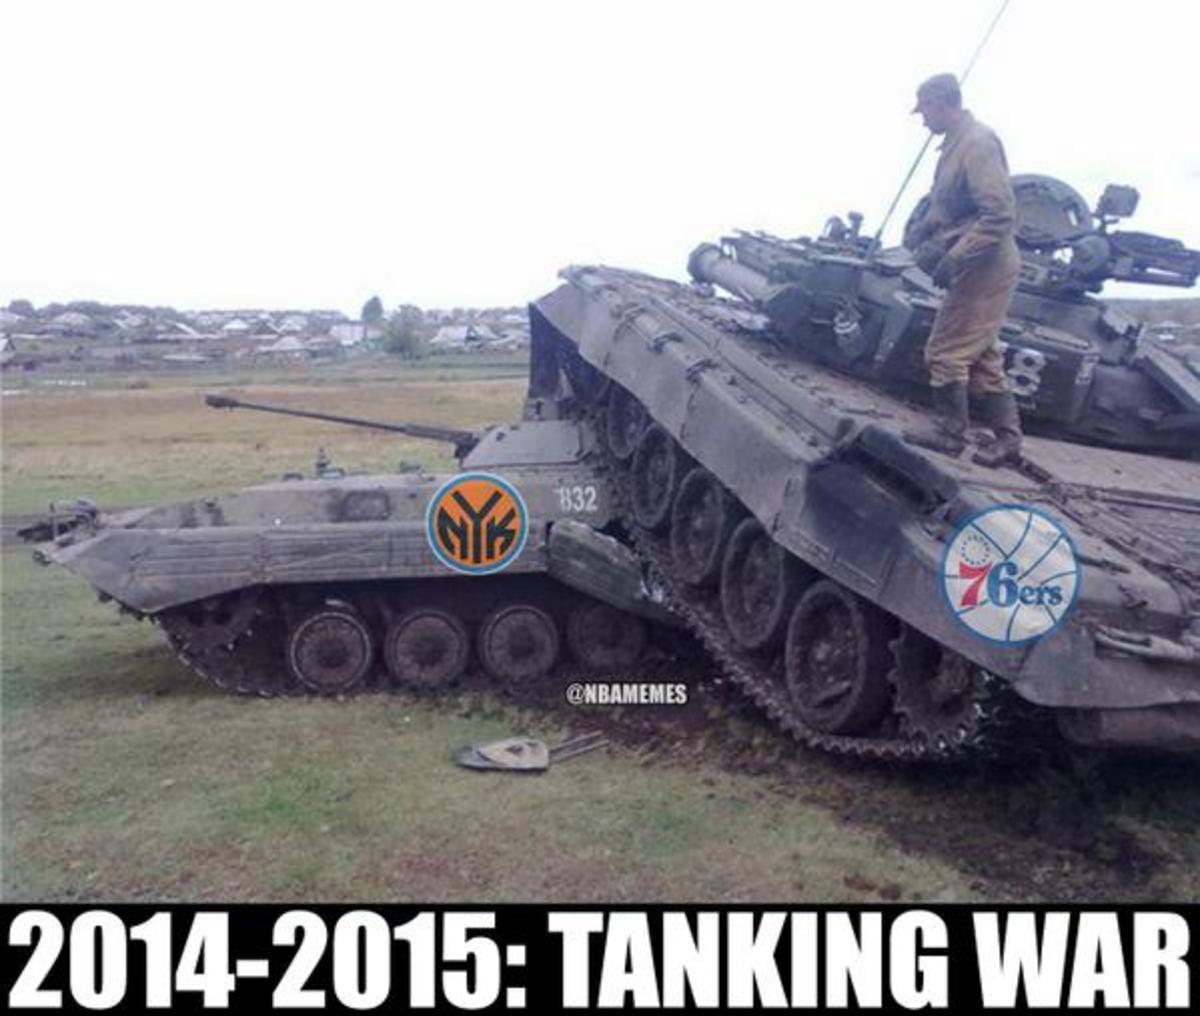 Tanking War